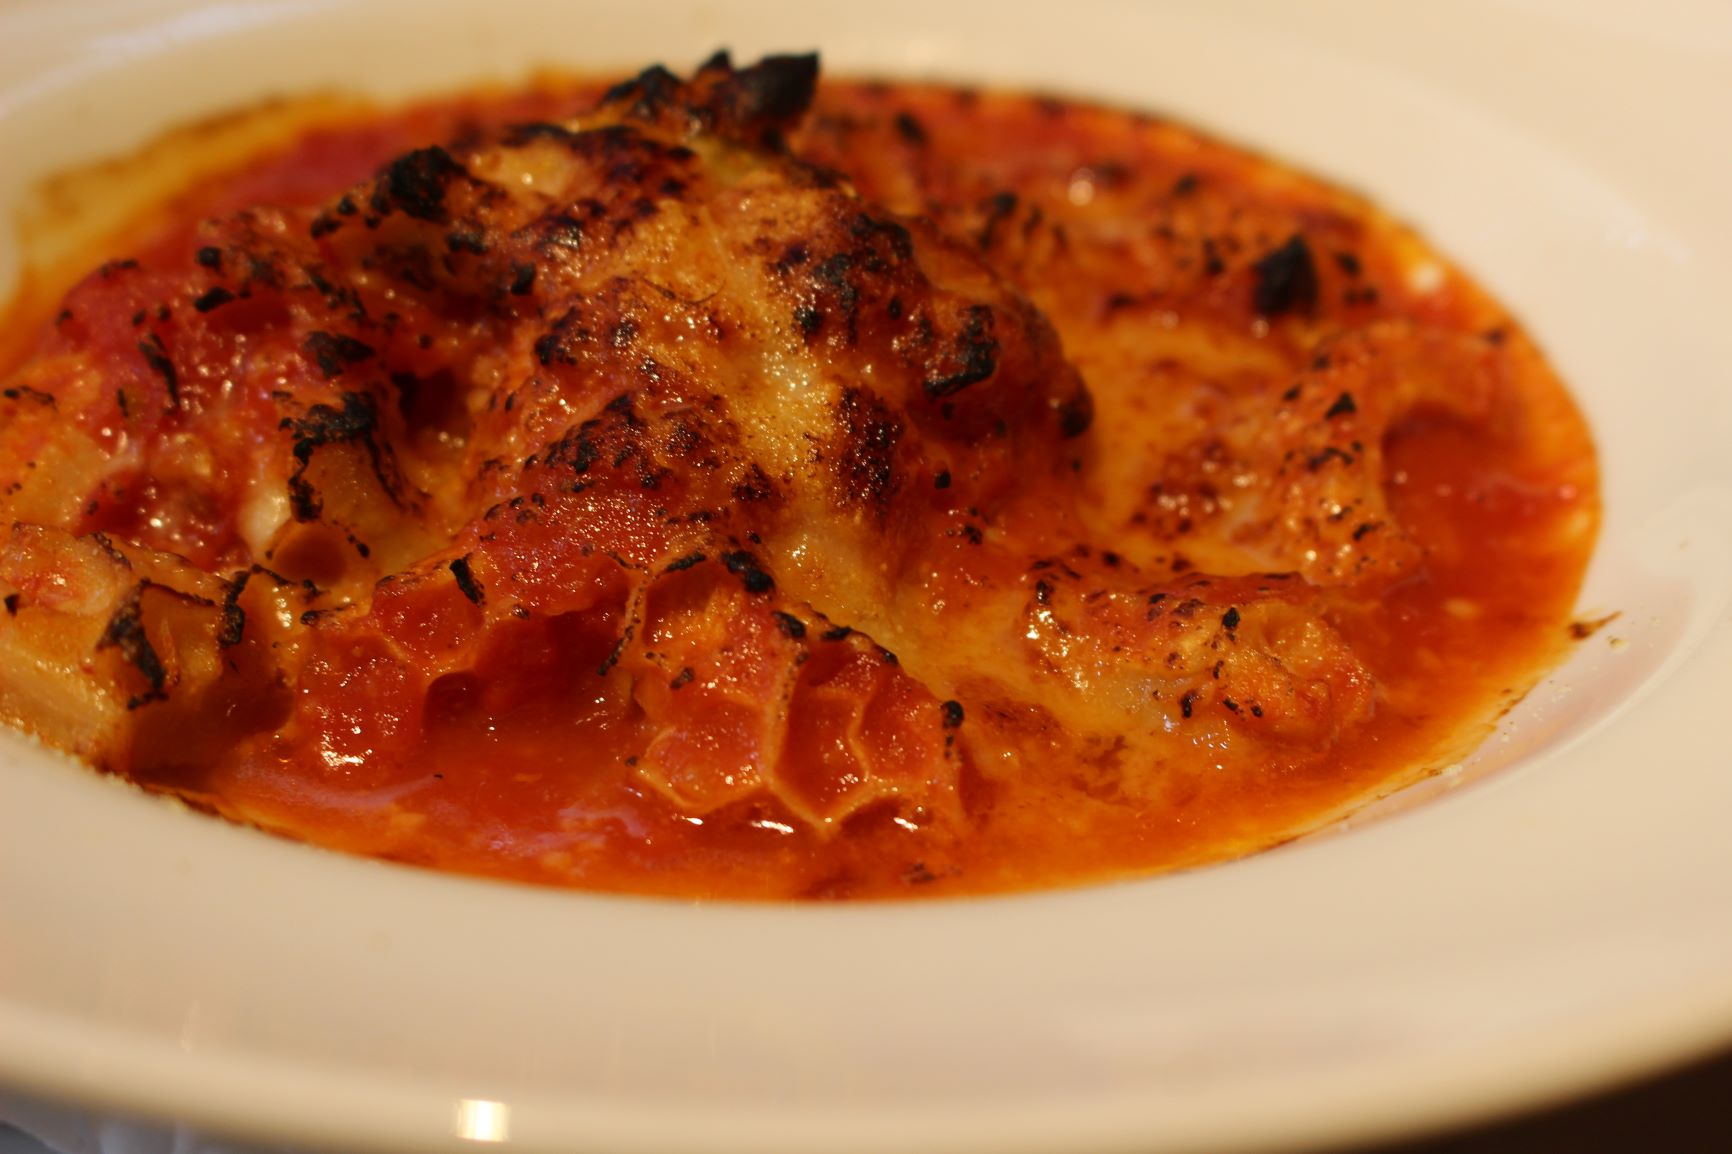 ローマ風トリッパのトマト煮込みもカルボナーラに次ぐ名物